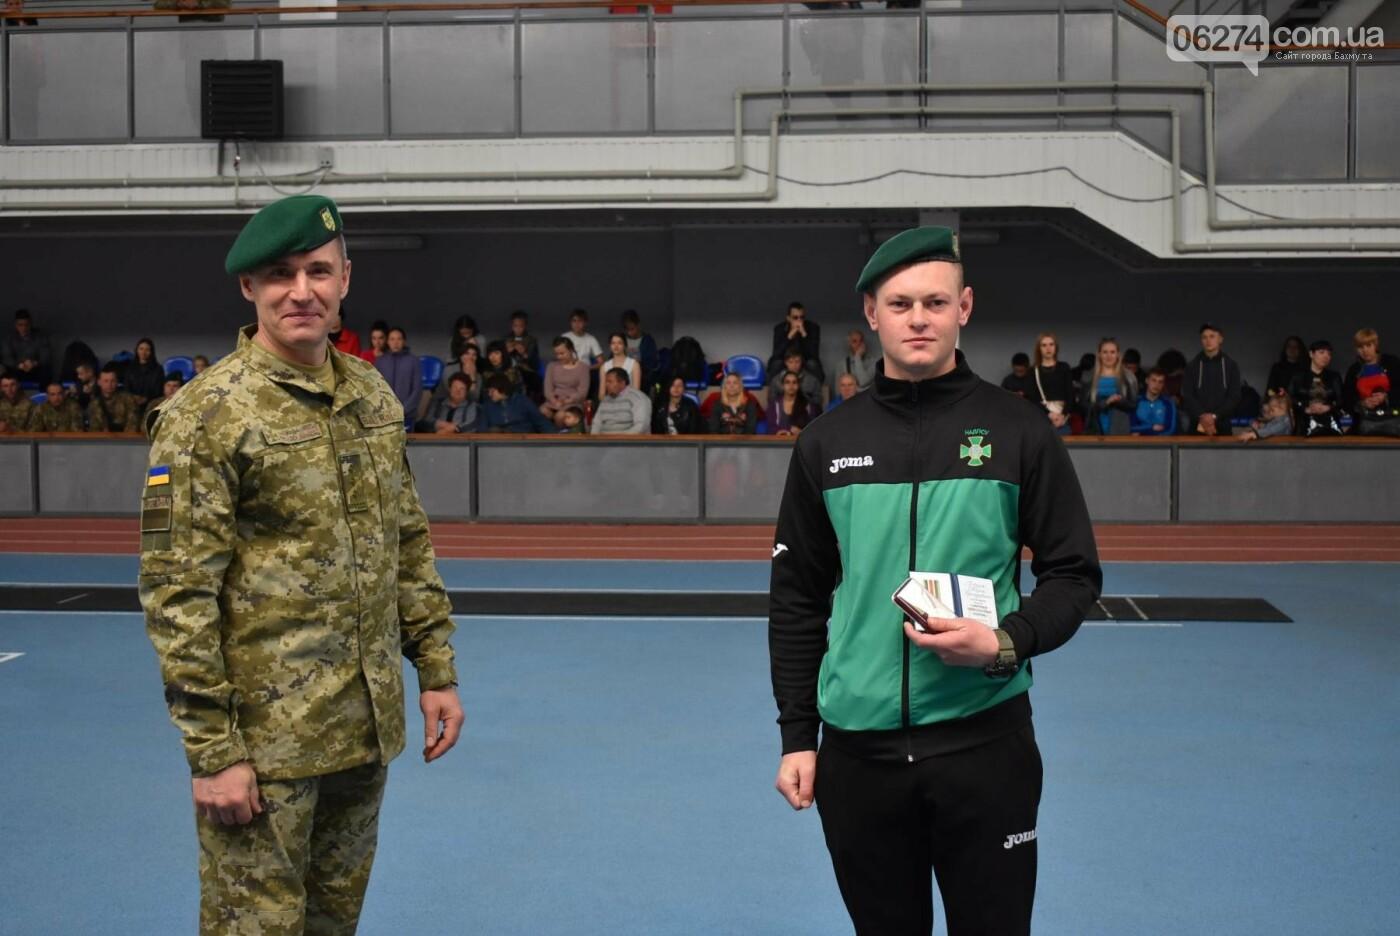 В Бахмуте презентовали спортсменов-олимпийцев Государственной пограничной службы Украины, фото-7